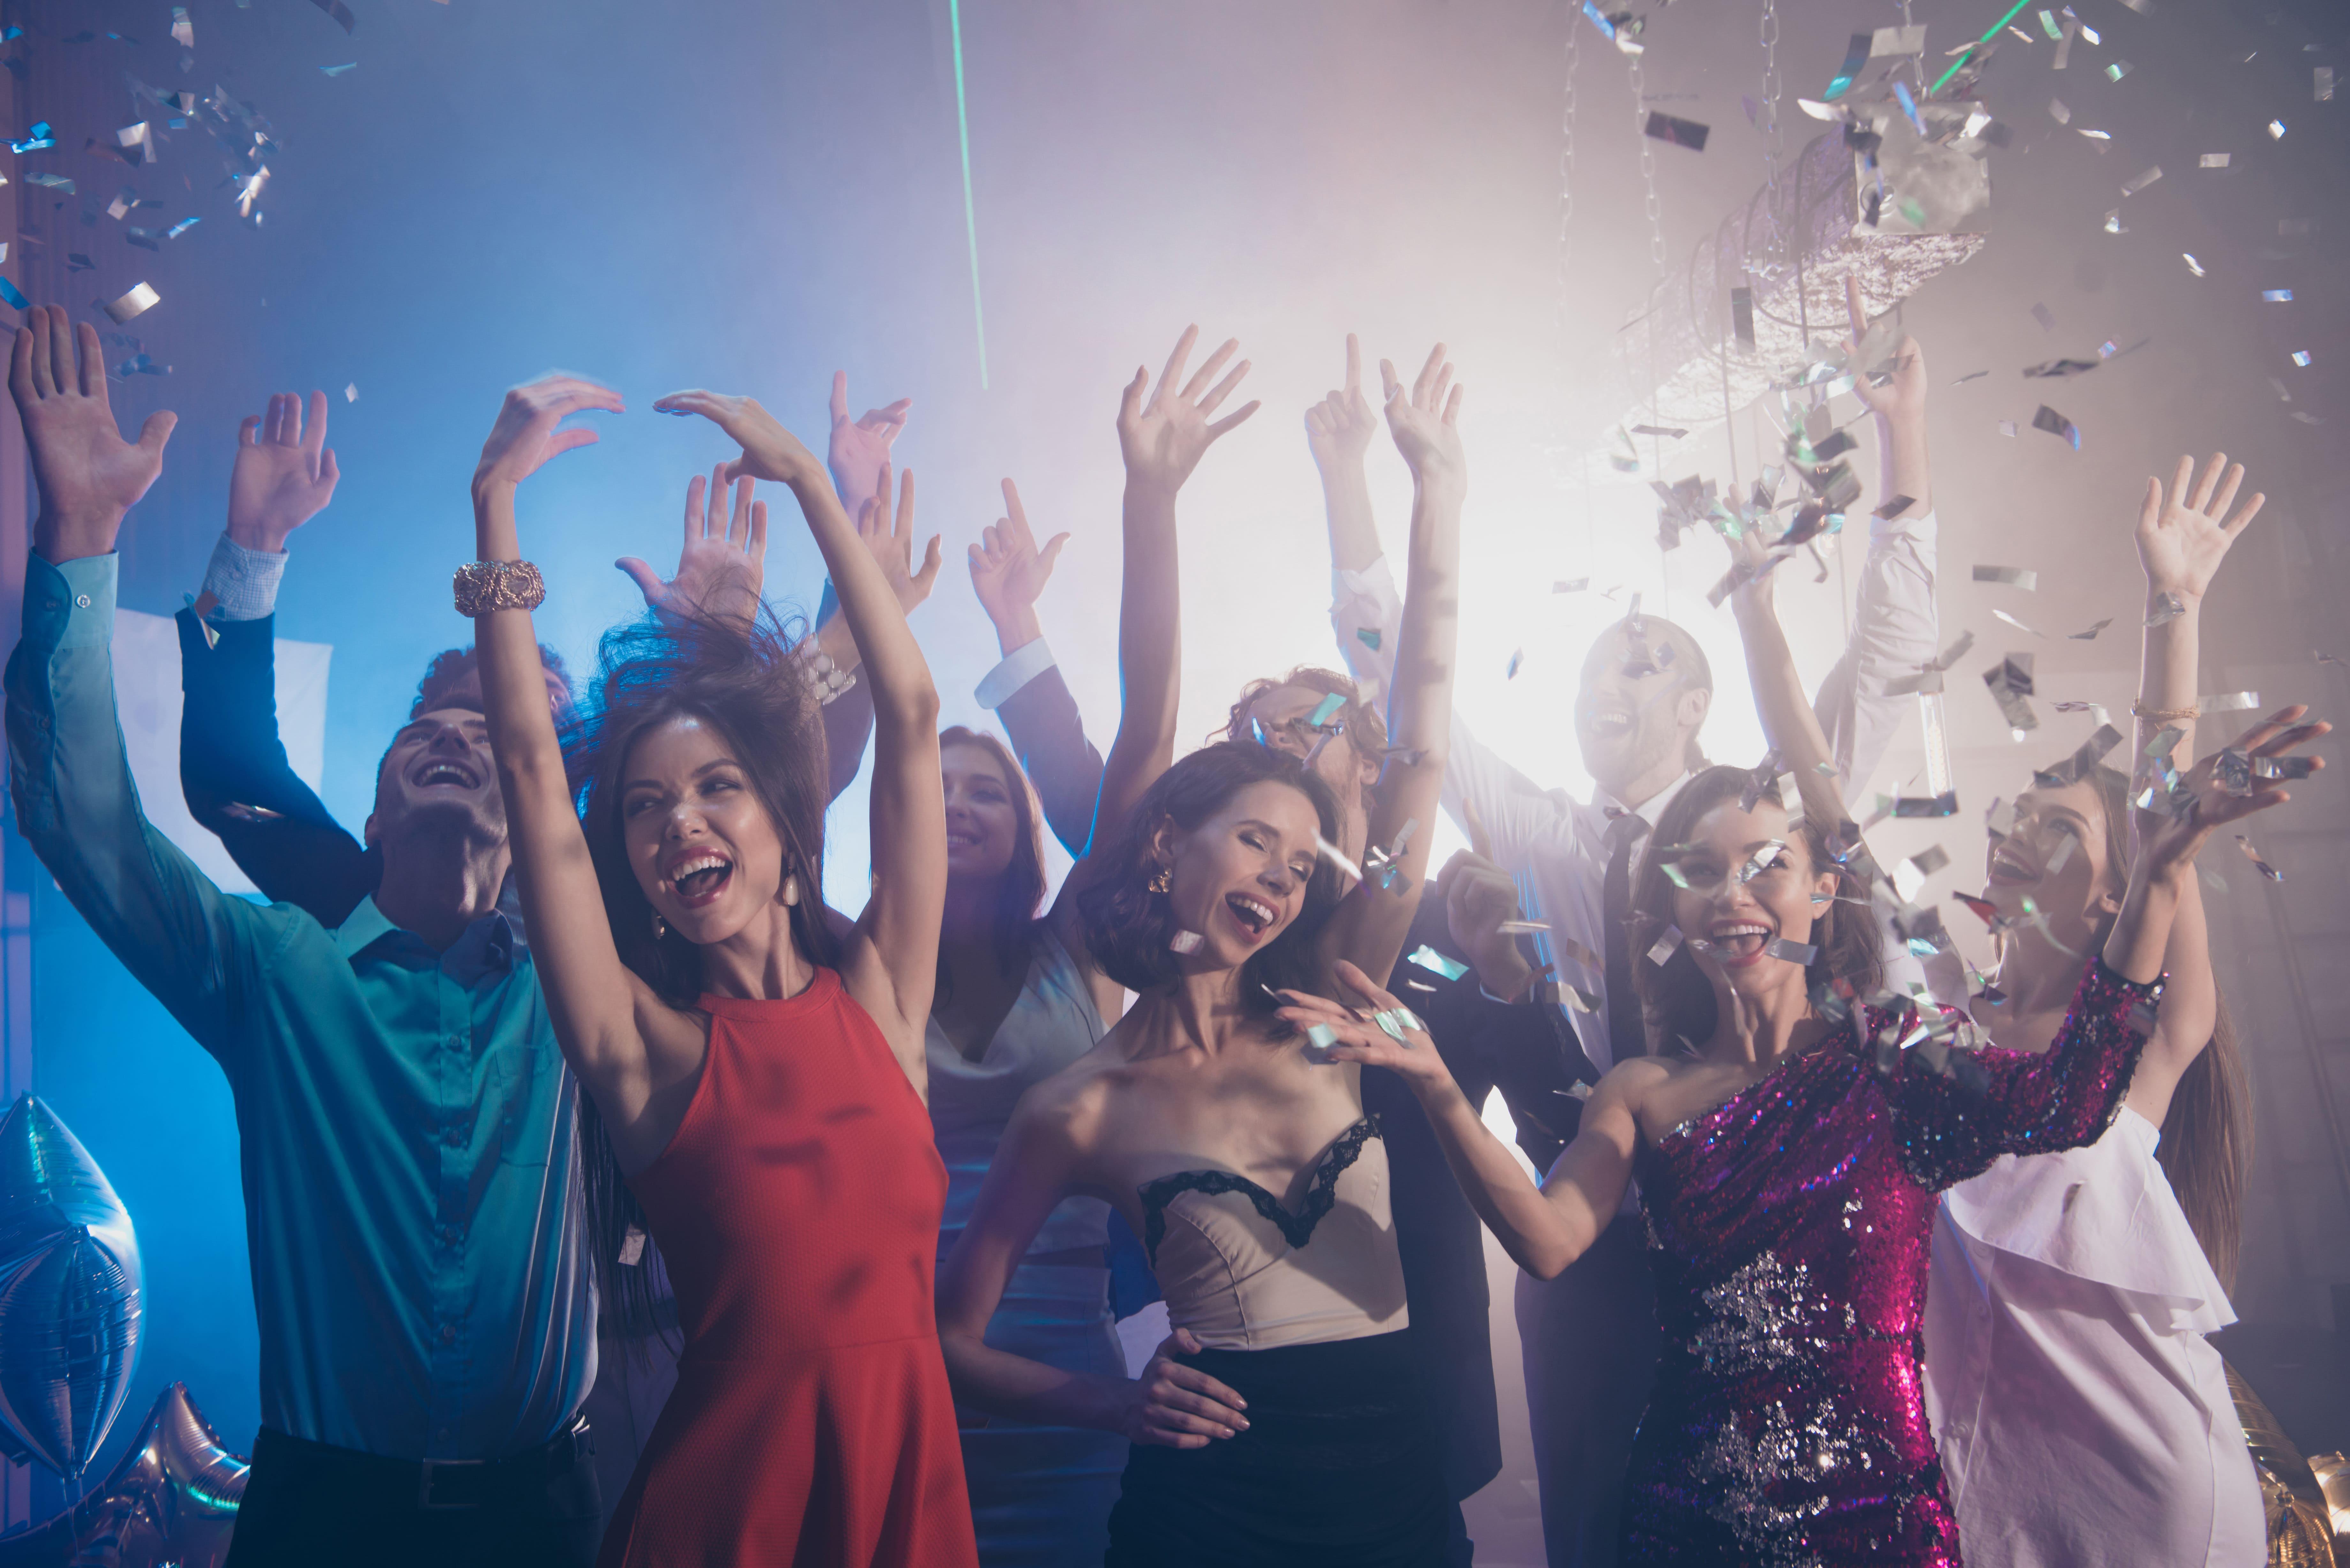 Imagem de pessoas em uma festa para remeter ao empreendedor que deseja saber como abrir uma empresa de aluguel de roupas